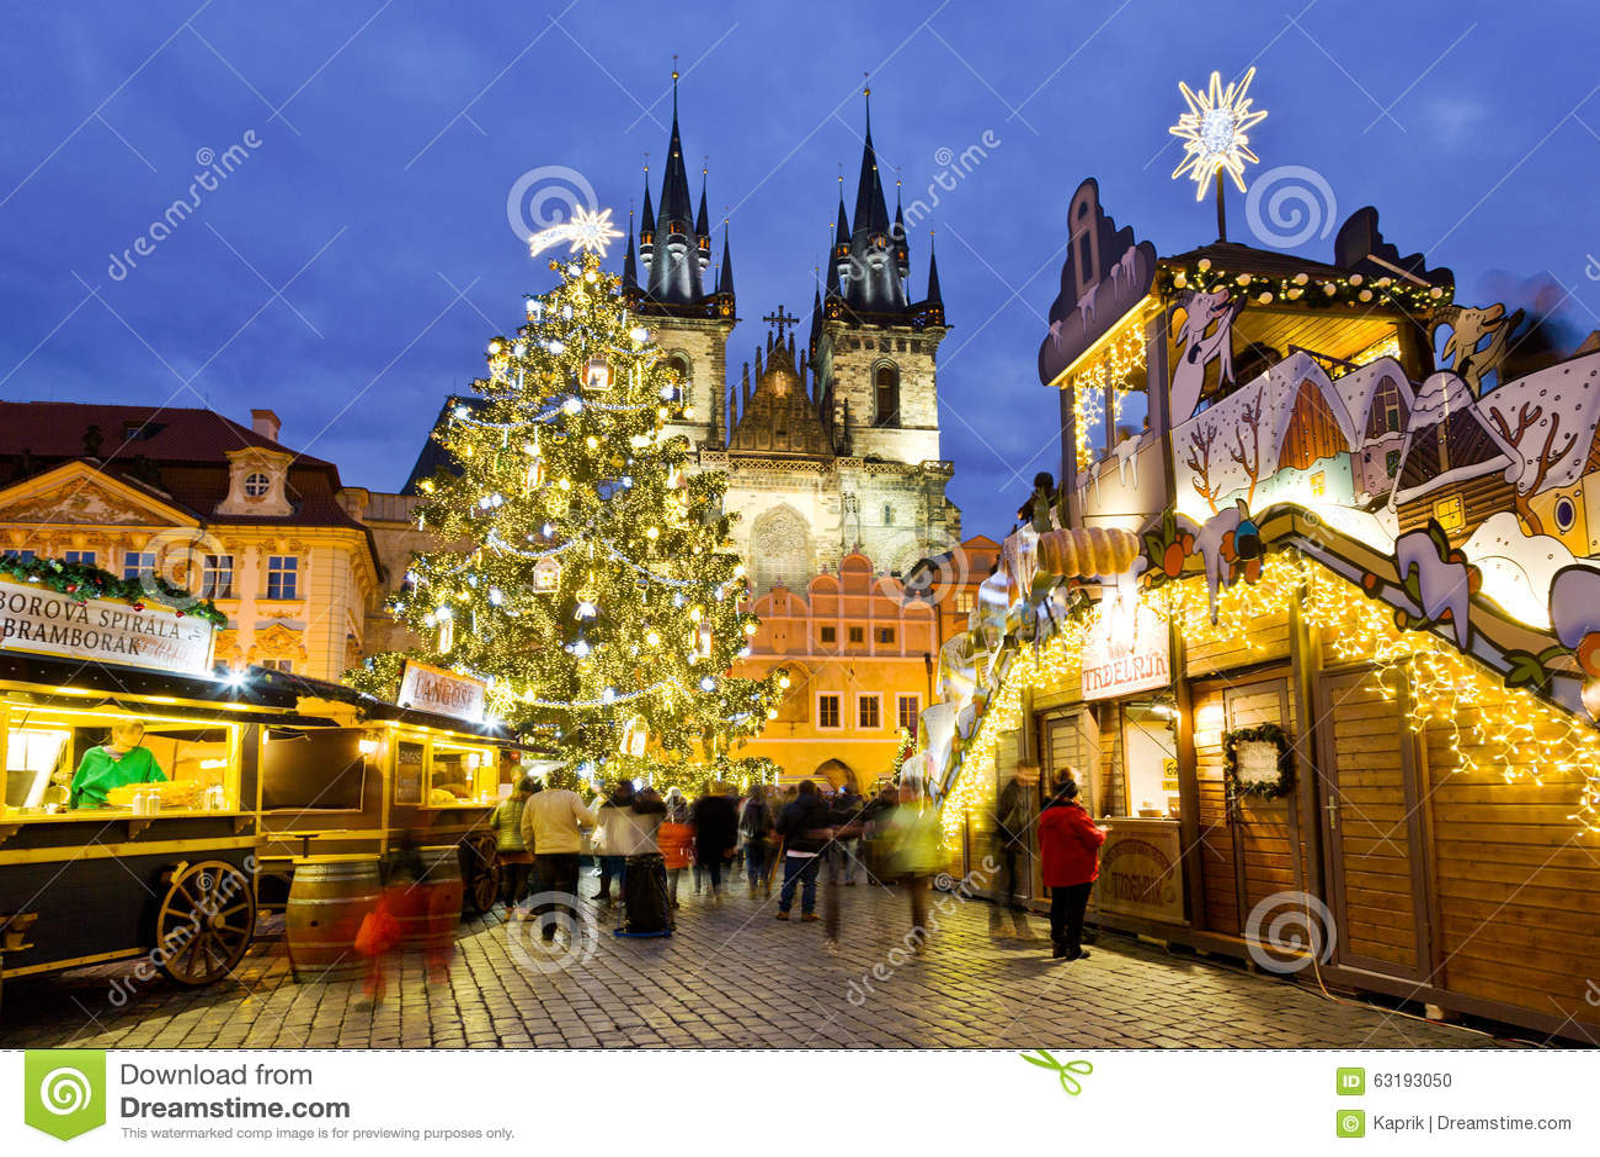 weihnachtsmarkt in prag unesco tschechische republik. Black Bedroom Furniture Sets. Home Design Ideas